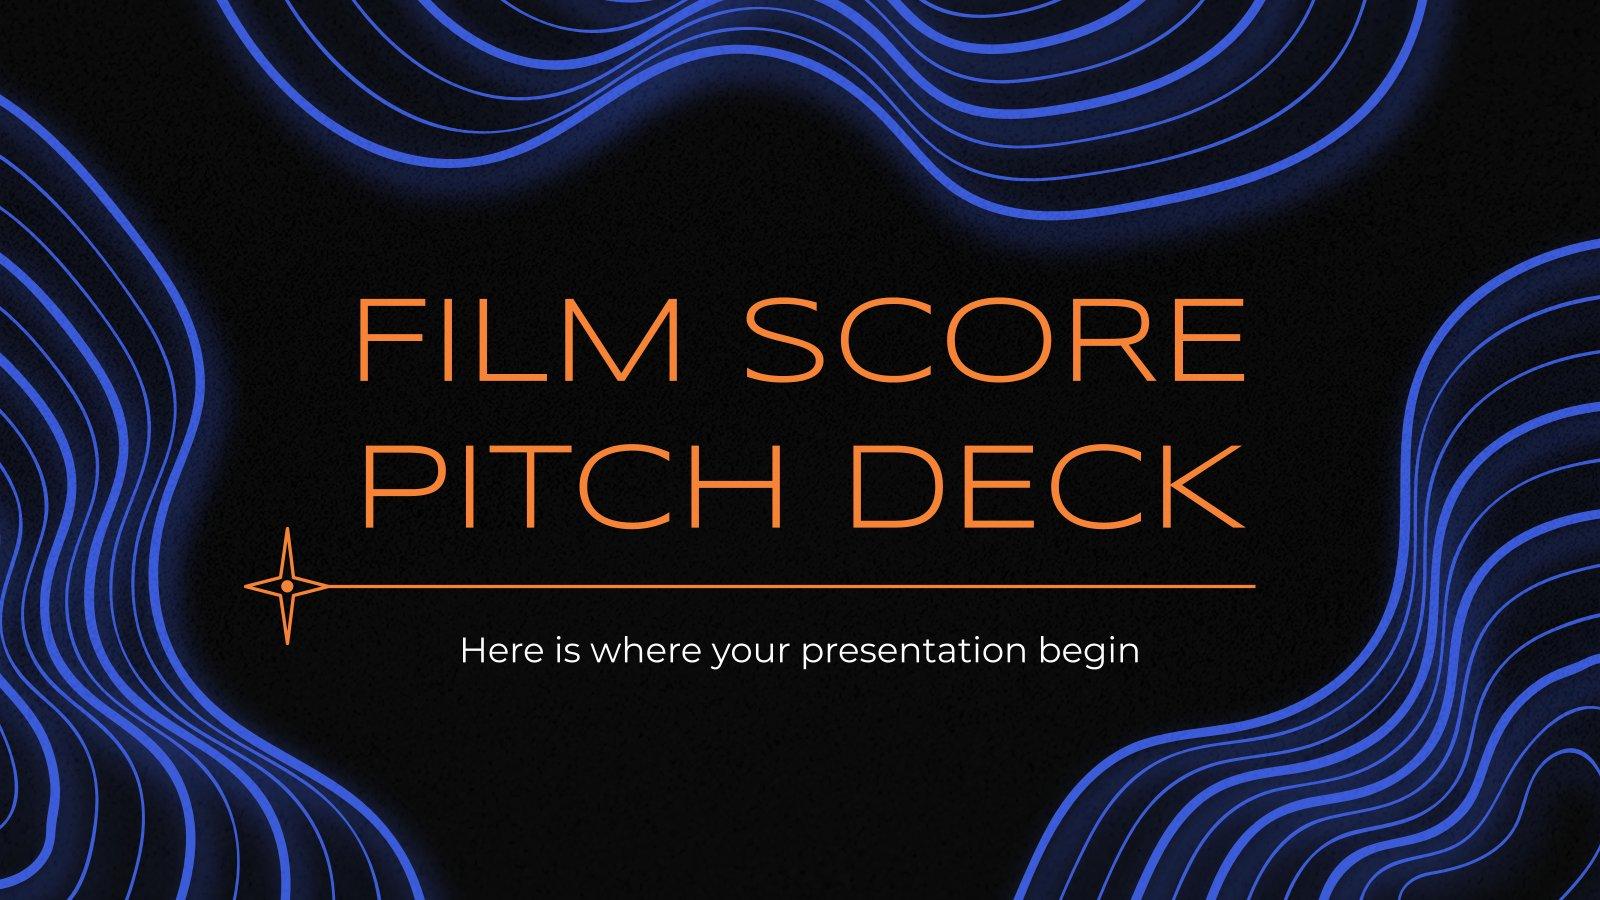 Pitch deck pour la musique de film : Modèles de présentation